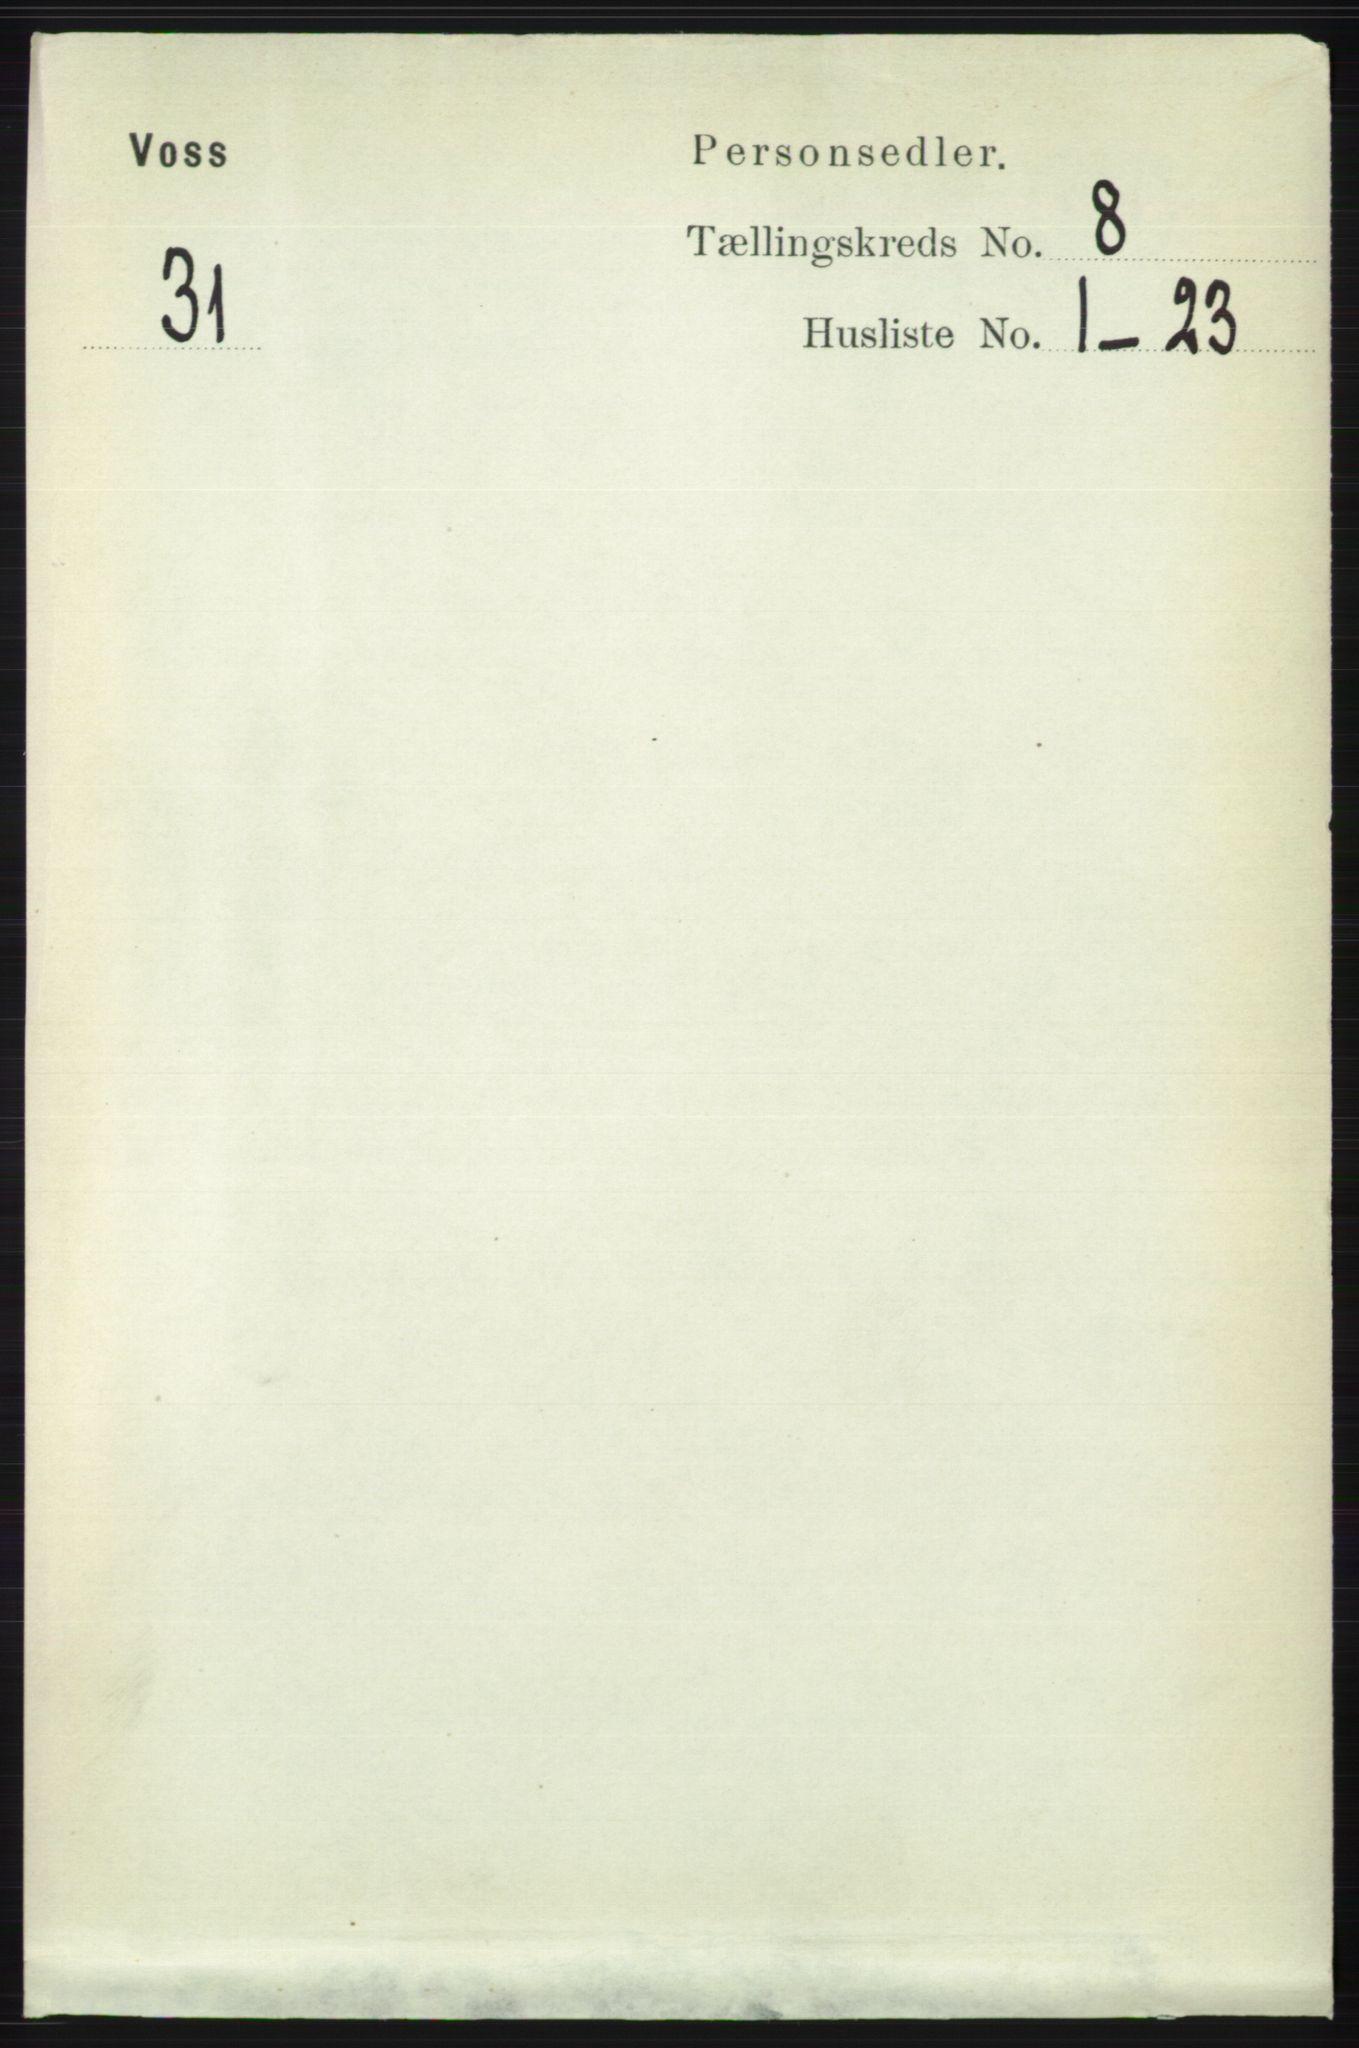 RA, Folketelling 1891 for 1235 Voss herred, 1891, s. 4224